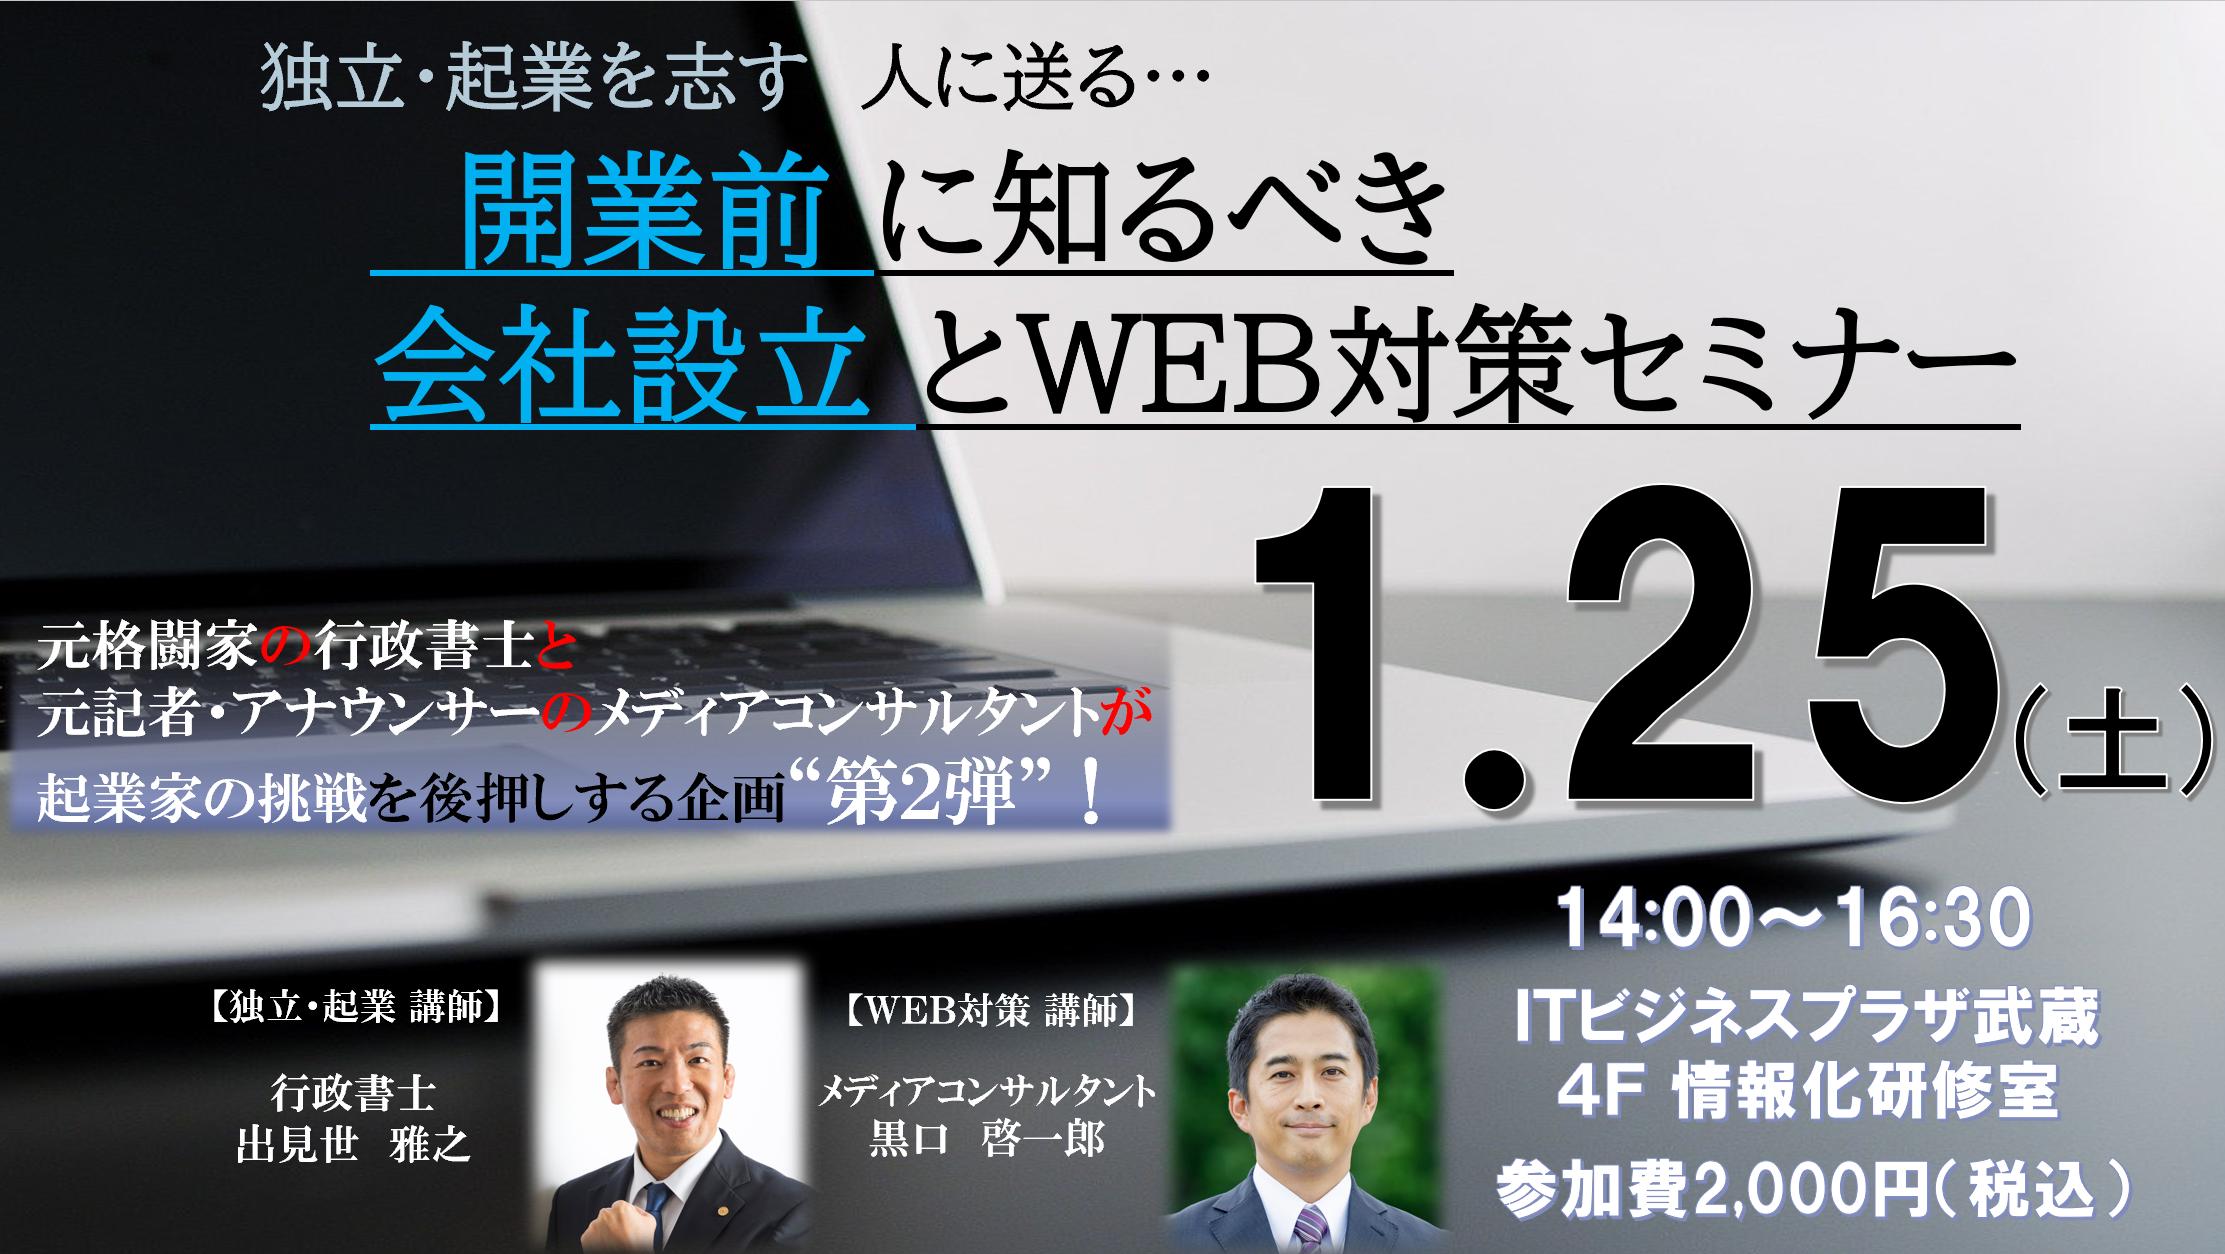 石川県で活躍する起業支援・会社設立専門の行政書士が親切・丁寧にご案内いたします!